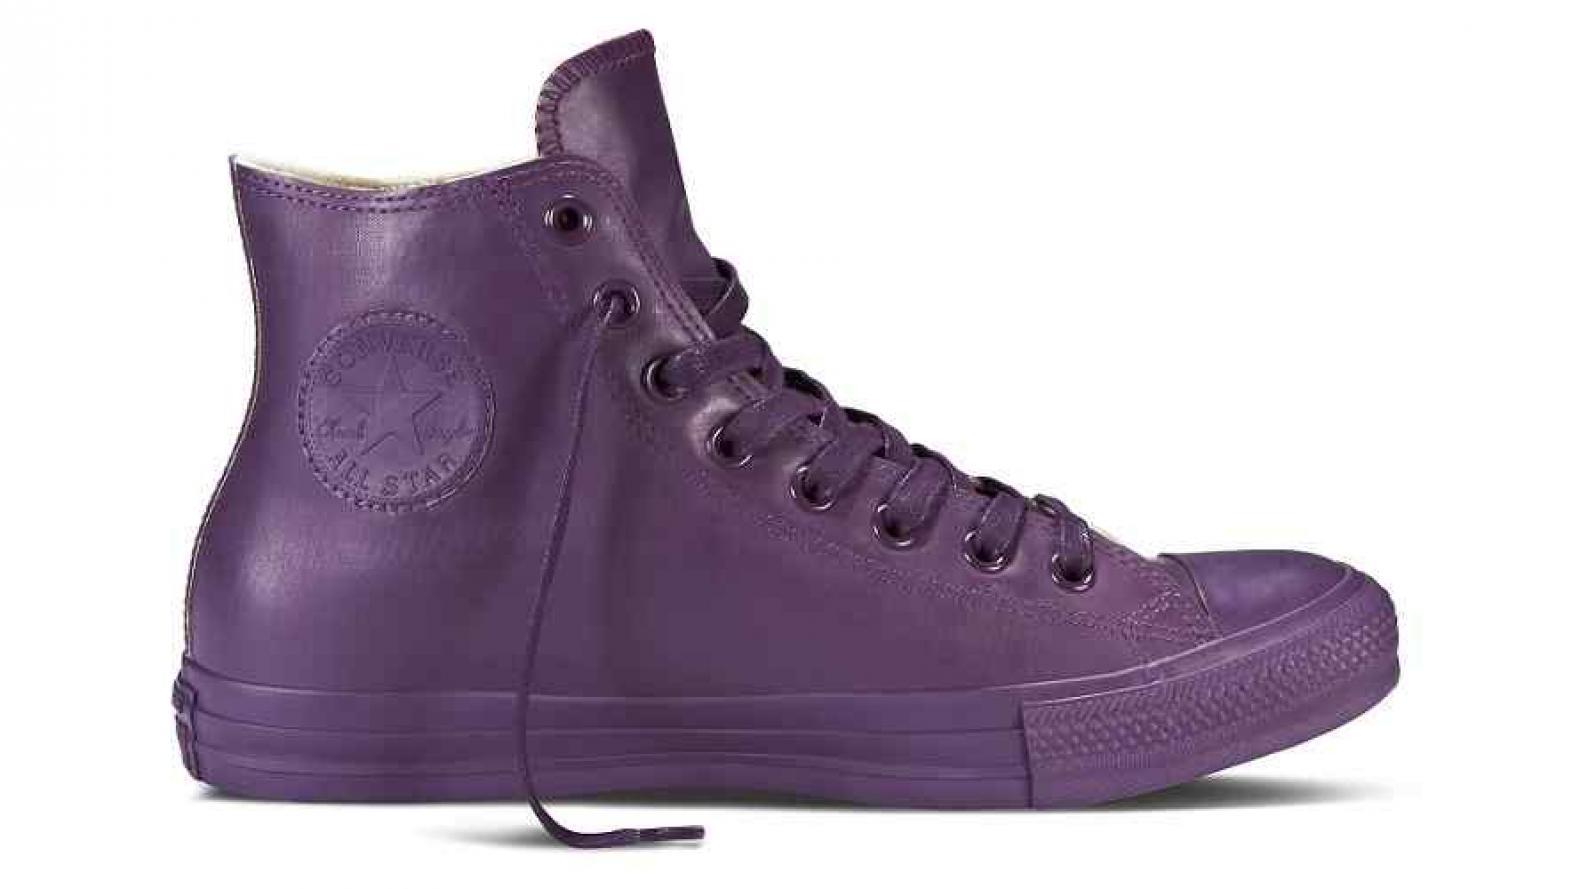 d5532ed77a501 Converse All Star Rubber  zapatillas para mojarse